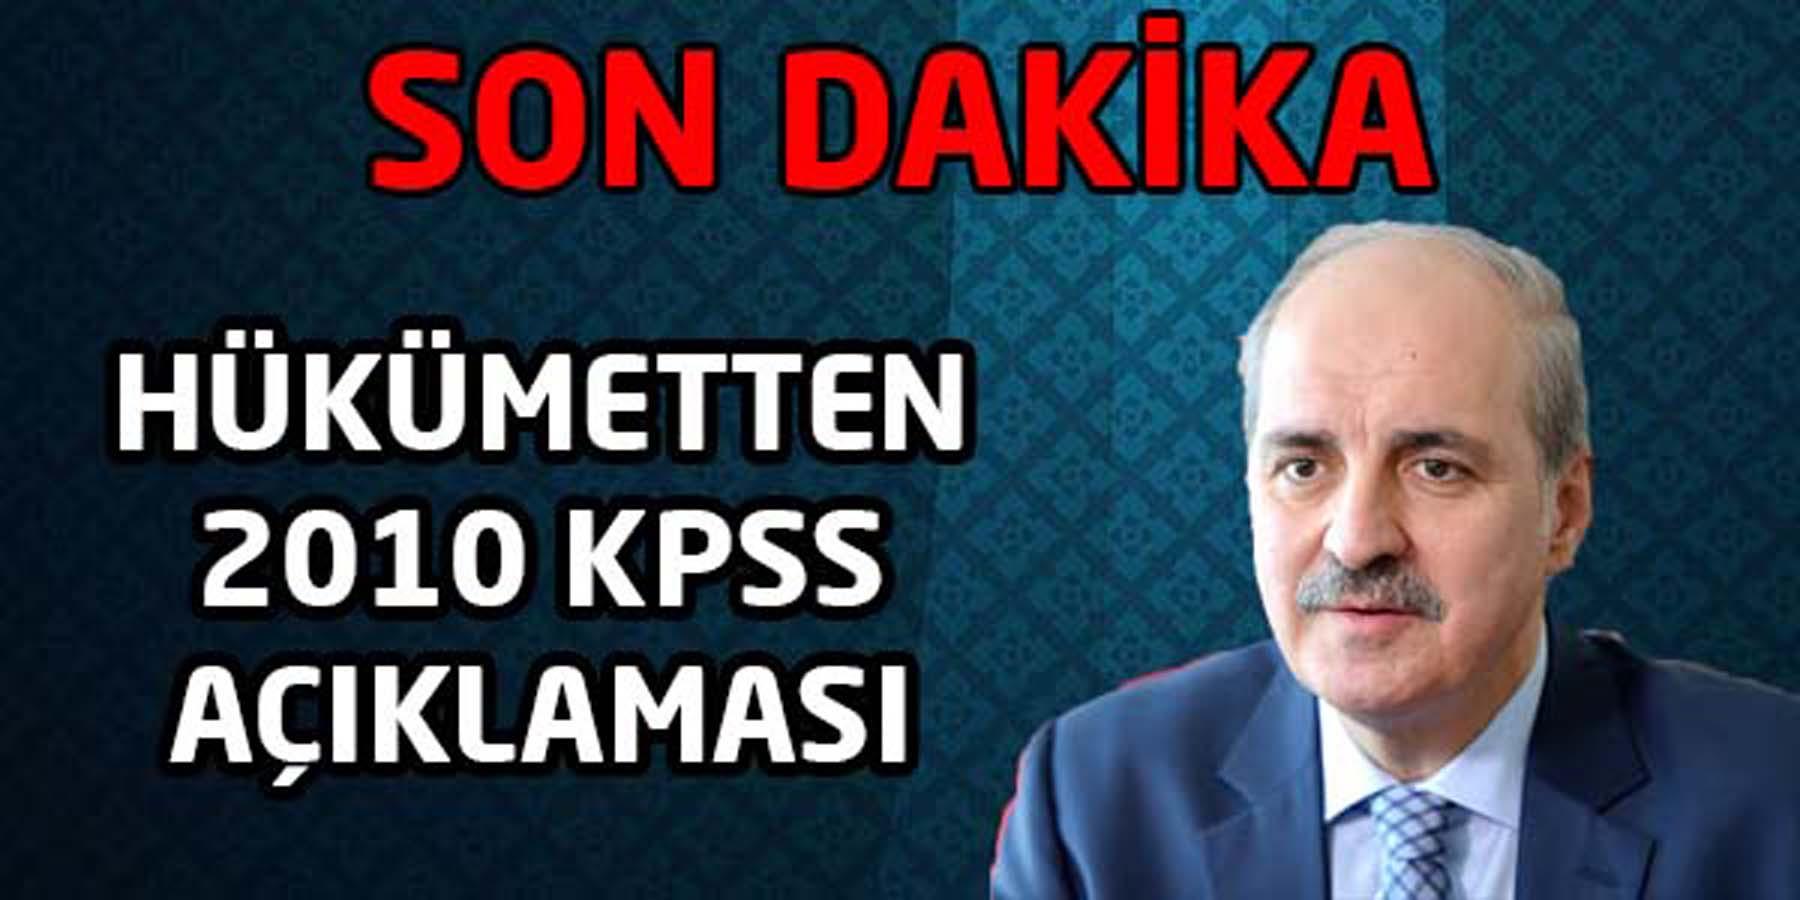 Hükümetten 2010 KPSS Açıklaması